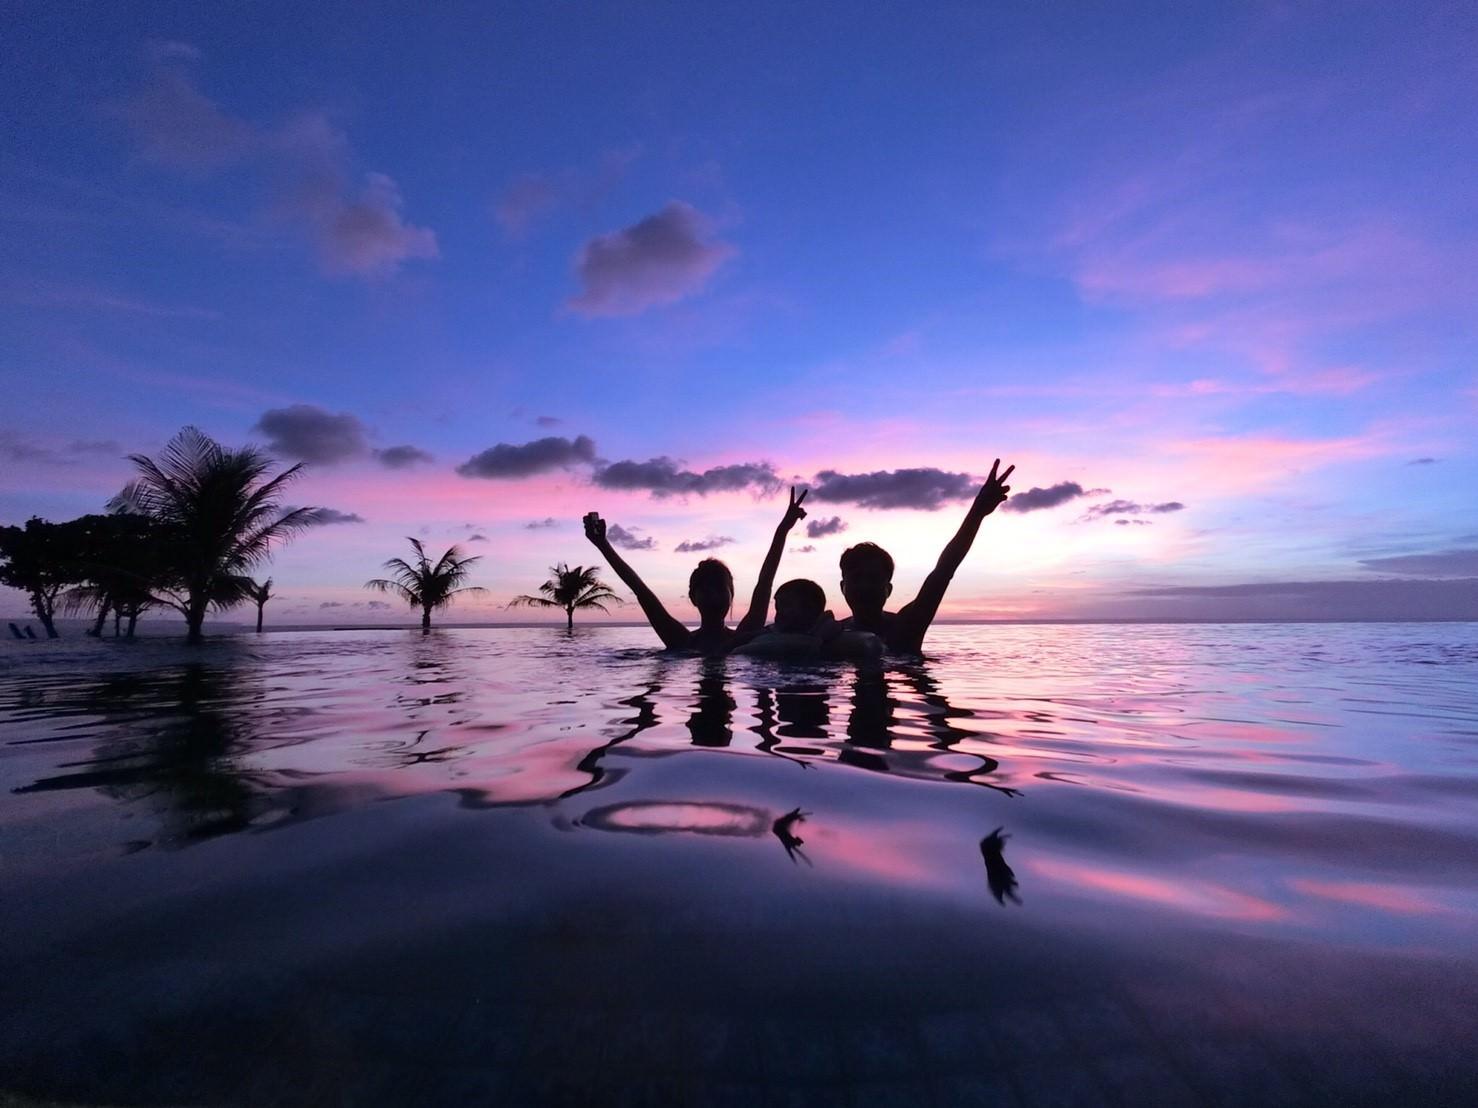 峇里島「Alila seminyak Bali」❤️享受時尚奢華卻沒有距離感的完美旅程 ❤️無敵夕陽美景和無邊界泳池讓人難忘🏖️🏖️🏖️